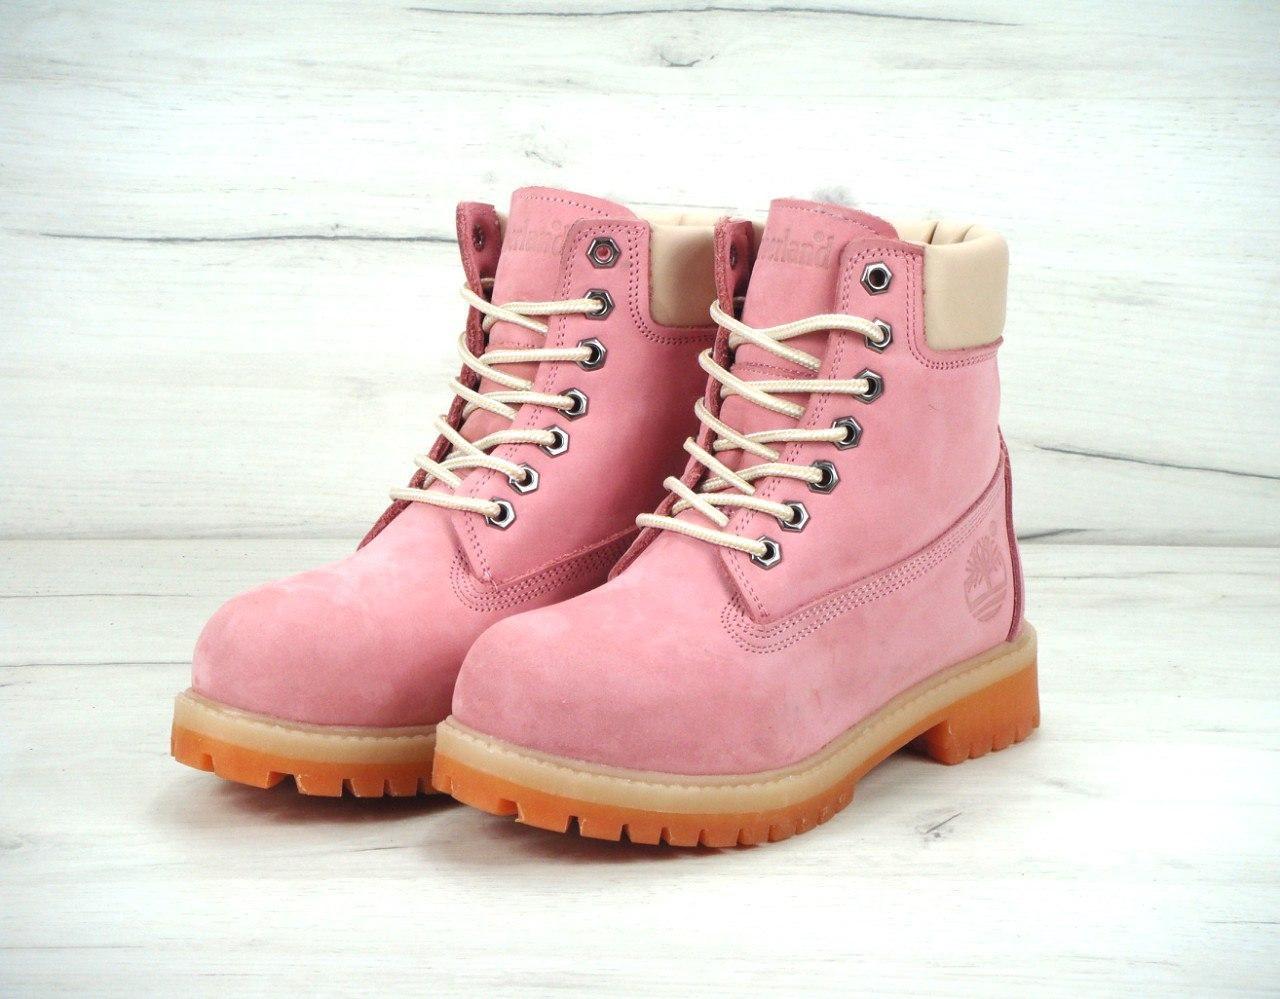 Зимові черевики Timberland Pink, жіночі черевики з штучним хутром. ТОП Репліка ААА класу.